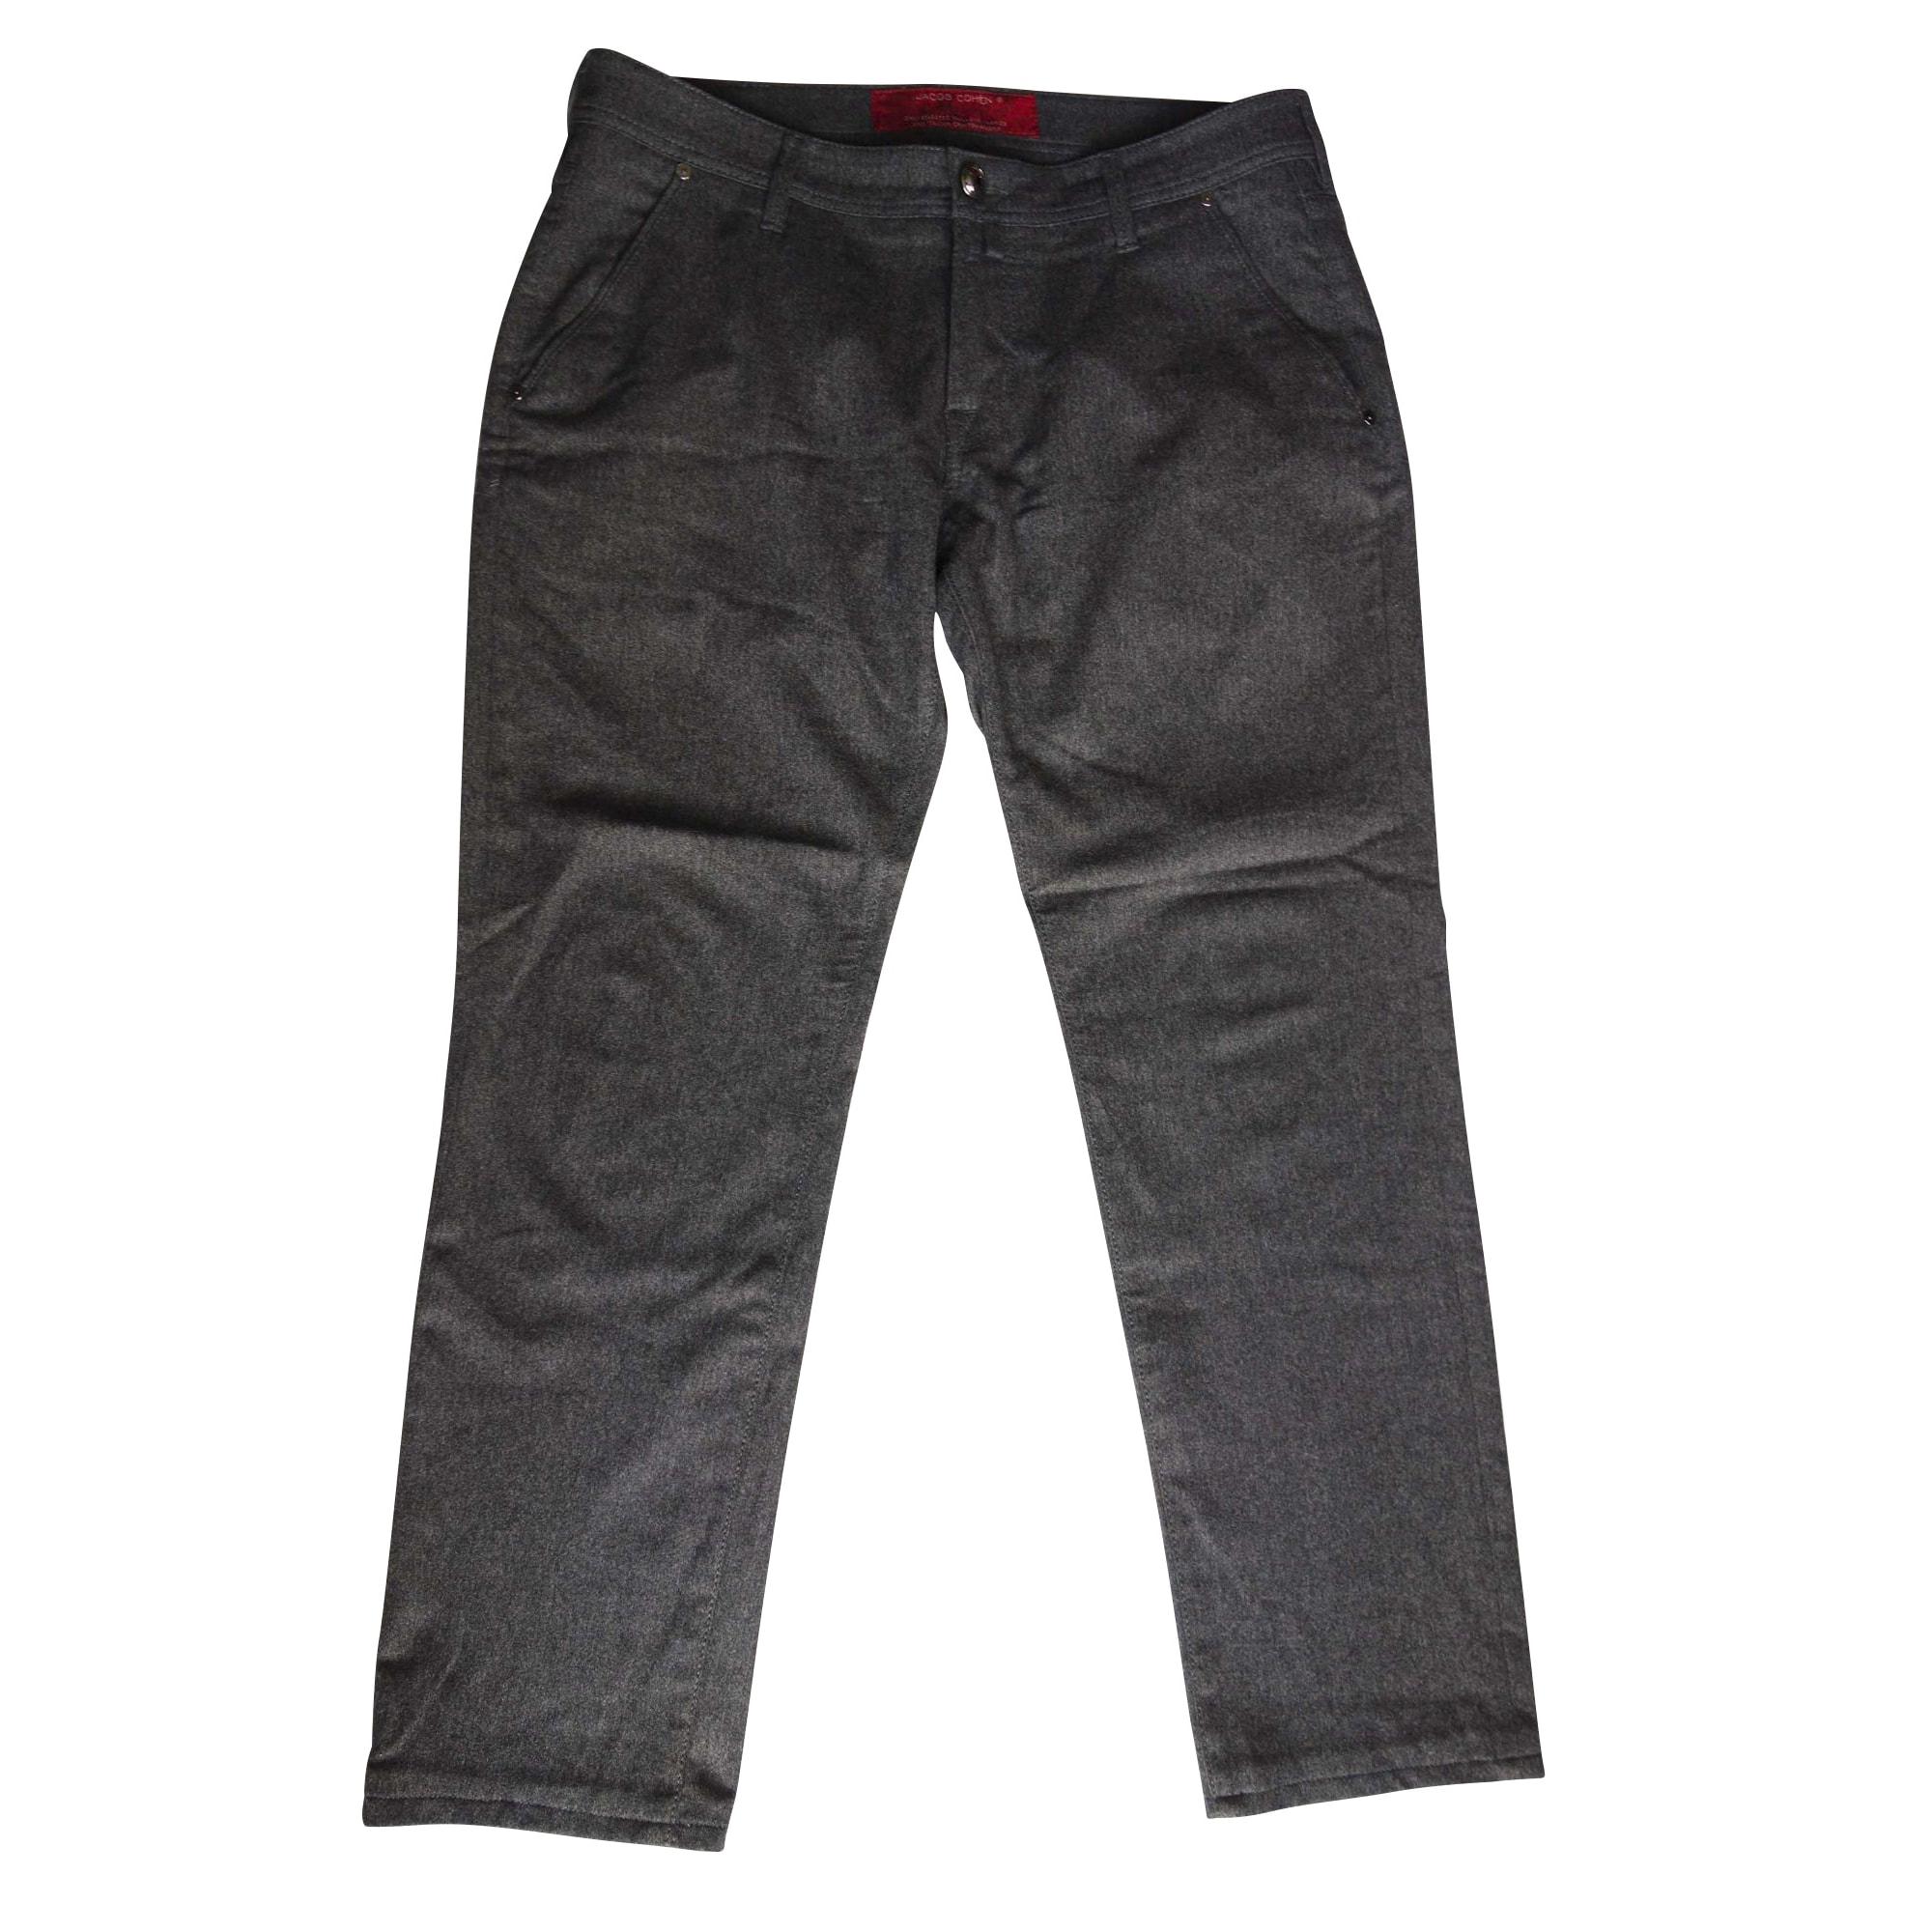 Jeans droit JACOB COHEN Gris, anthracite